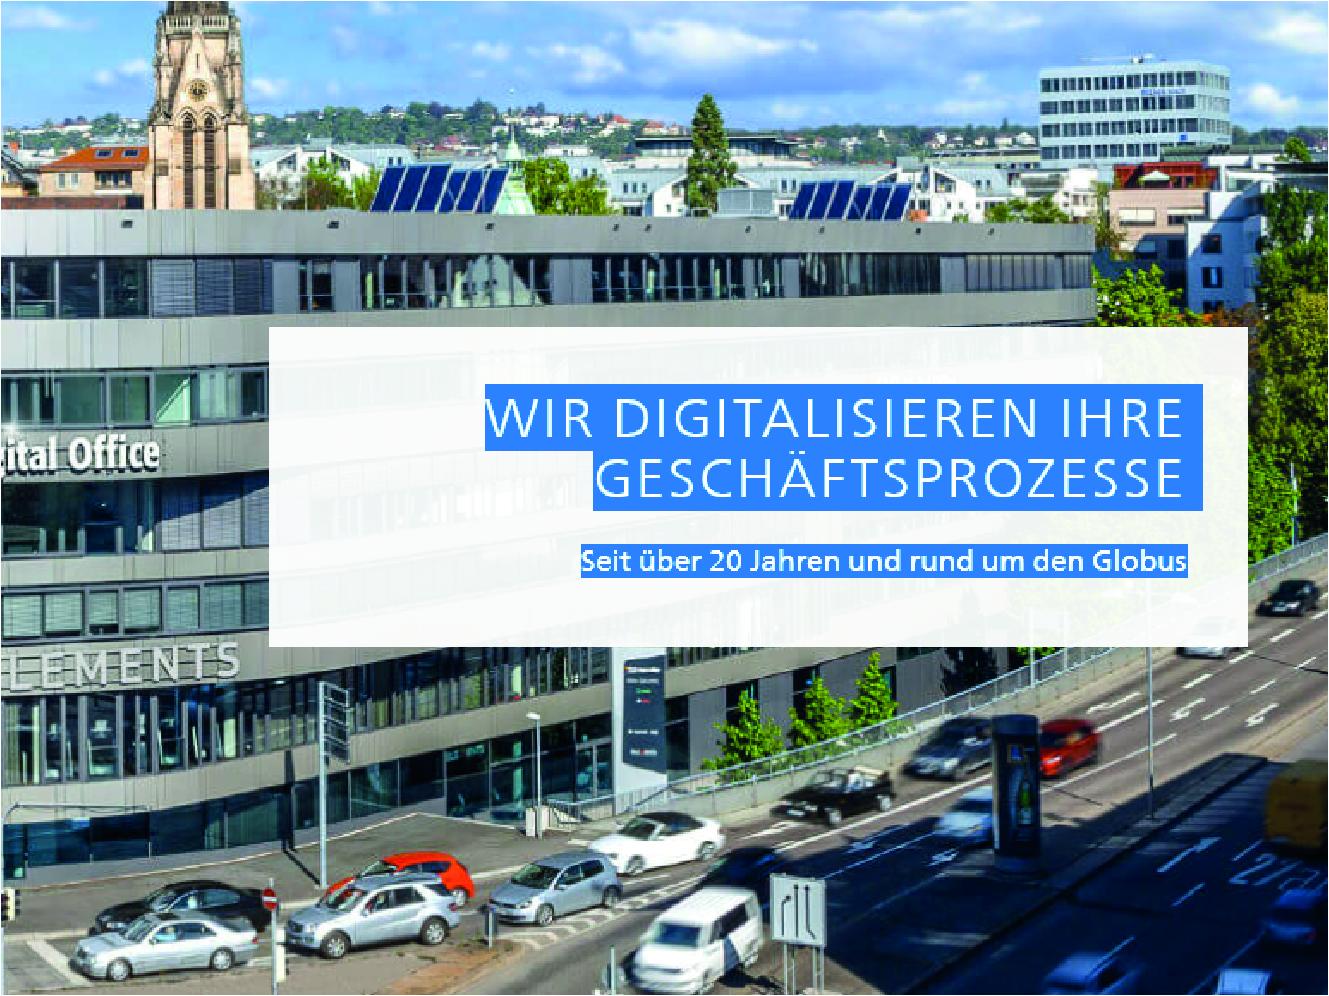 Digitalisierung Geschäftsprozesse